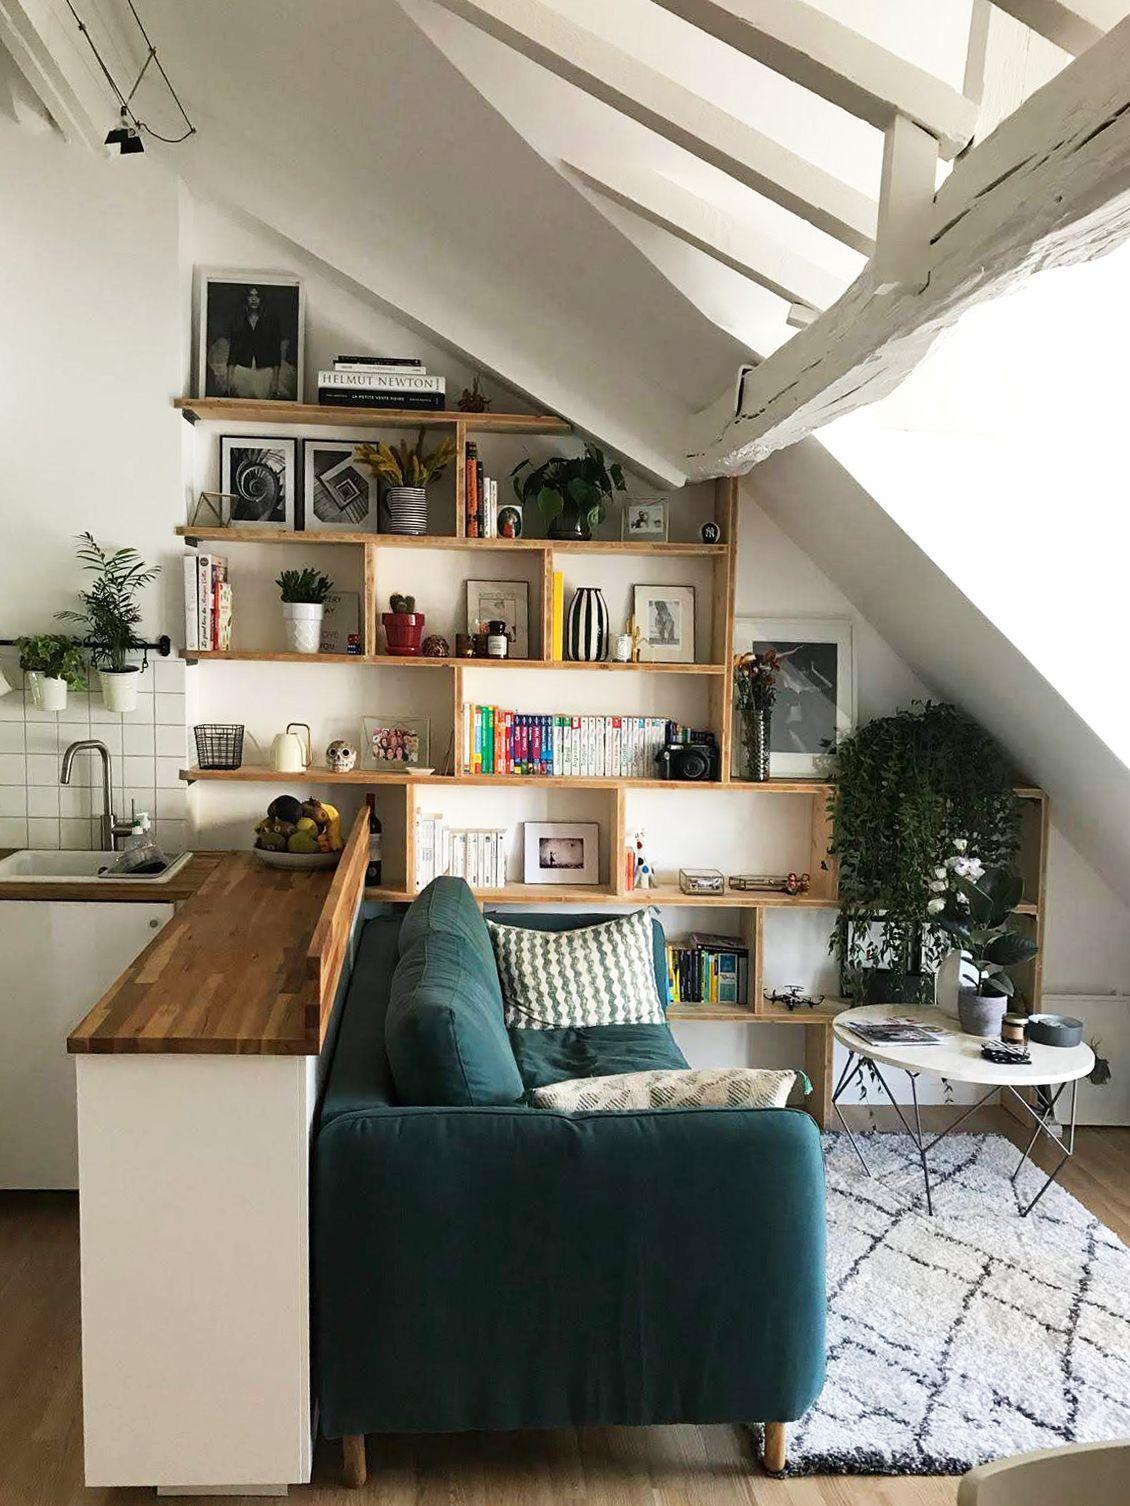 Elegant Comment Créer Une Chambre Supplémentaire Dans Un Petit Appartement à Paris  ?   PLANETE DECO A Homes World